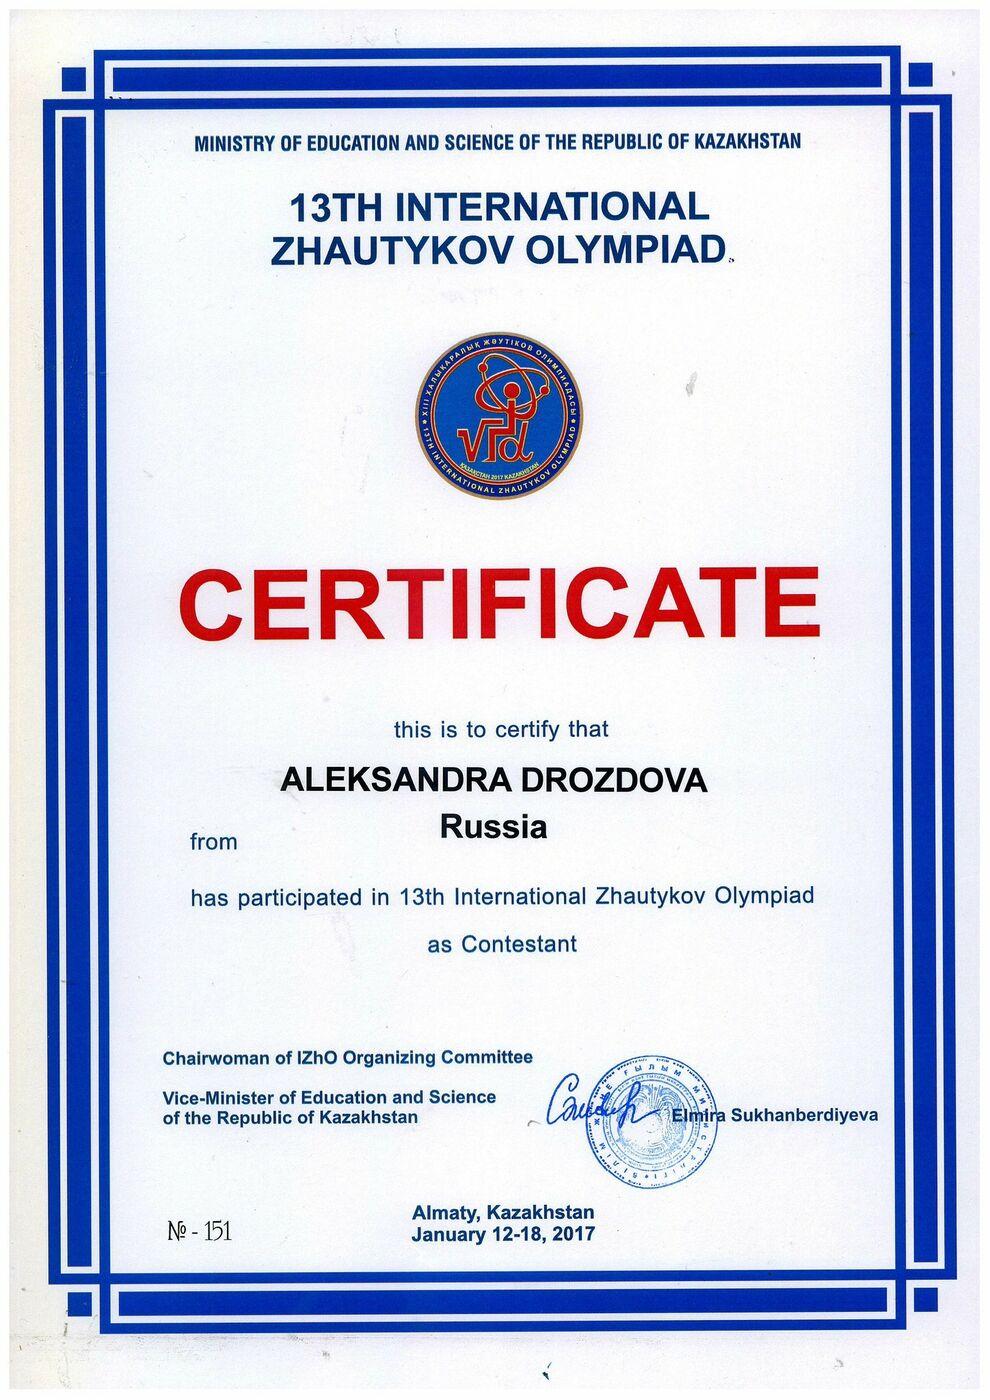 08_Участие_Инф_Дроздова